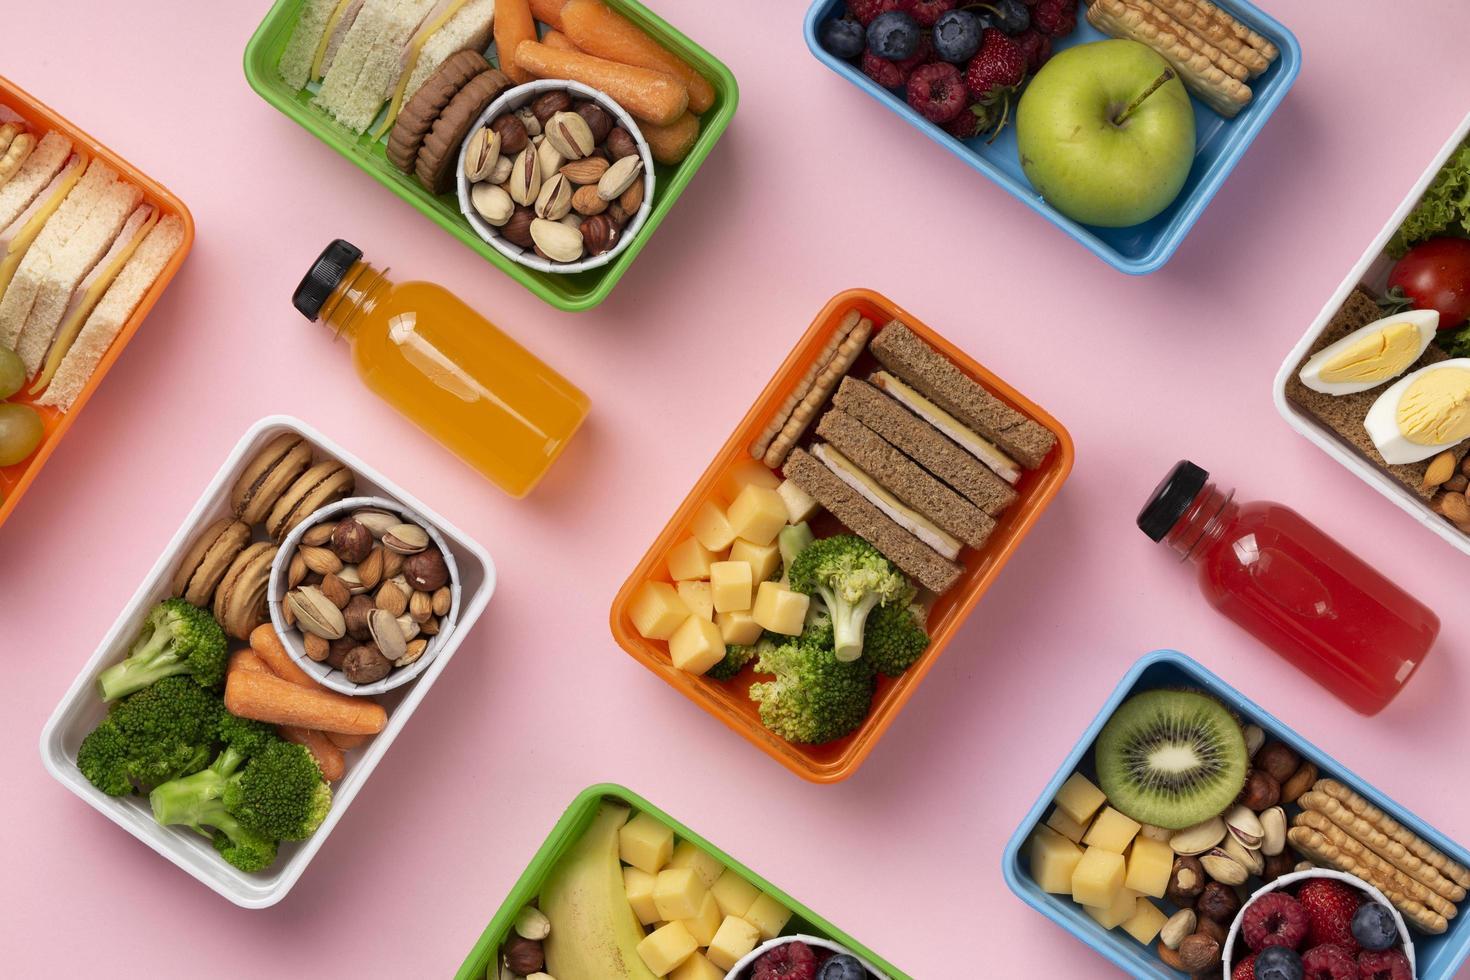 mat från ovanifrån matlådor foto